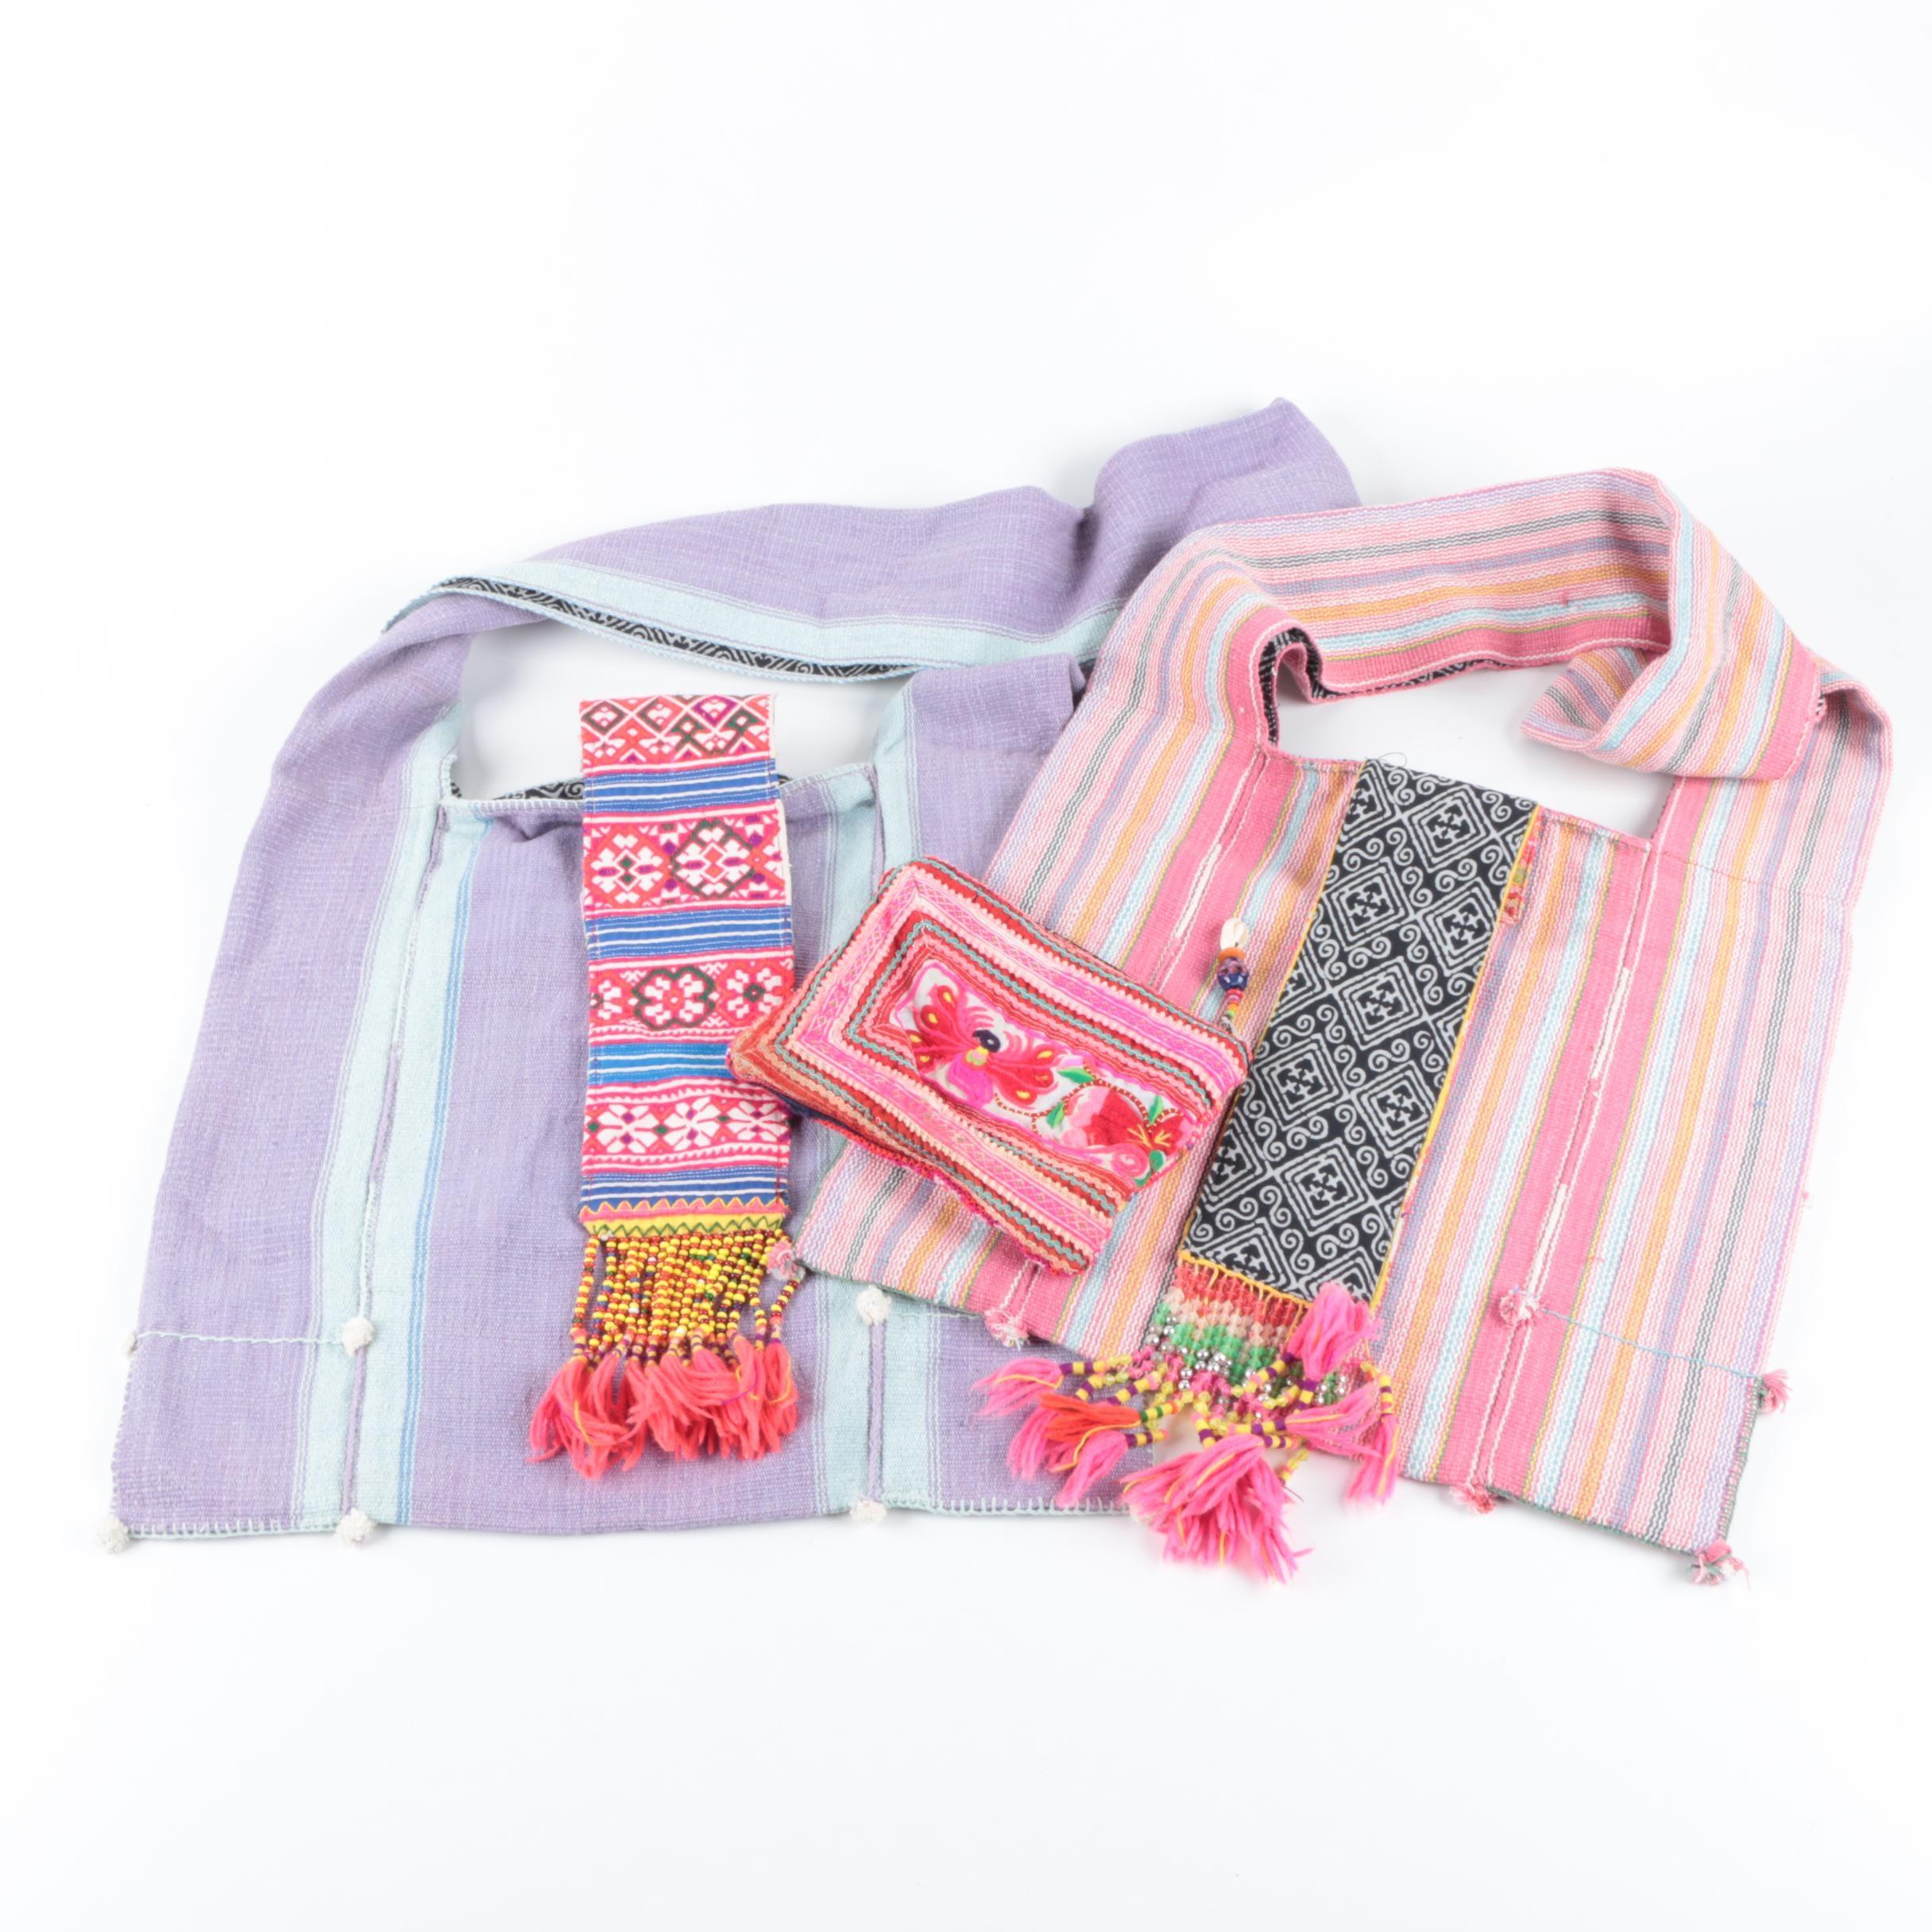 Kulshi Woven Handbag and Pouch